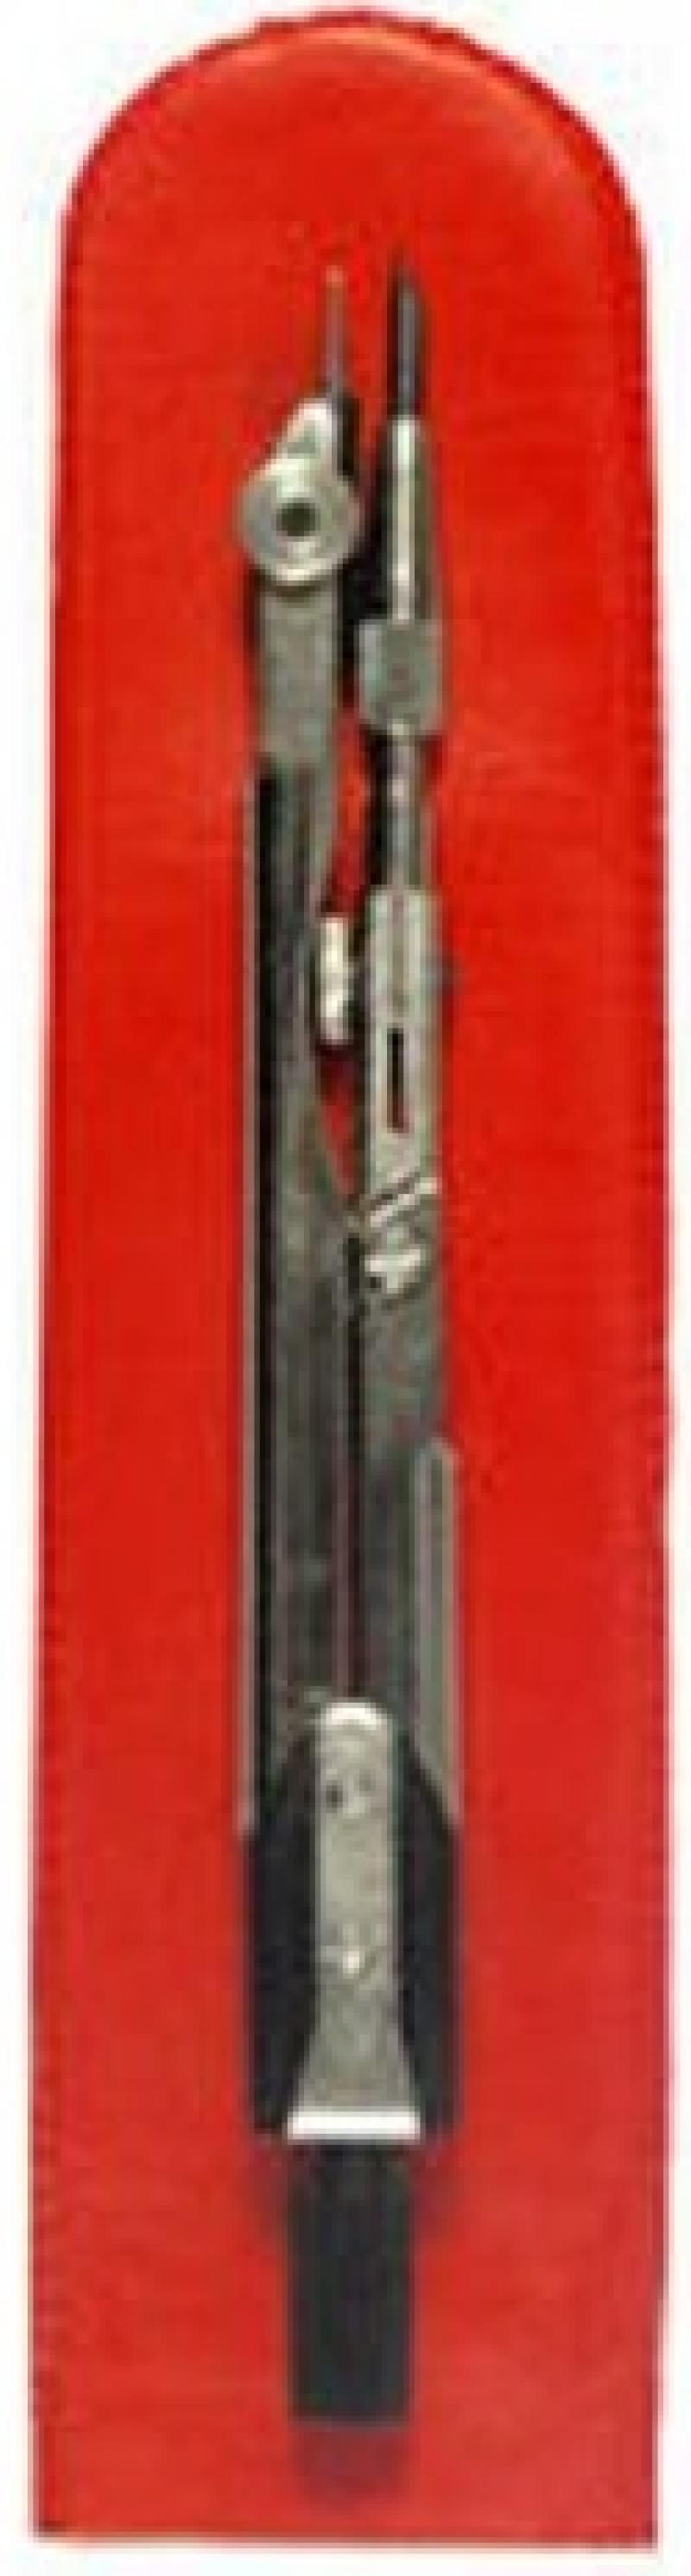 Циркуль чертежный ТЕХНИКА (ЦЧ-02-01), стальной, L-125мм, для старших классов и студентов, чехол набор чертежный техника 2 предмета нч 2 ш 11 для студентов пластм футляр с европодвесом